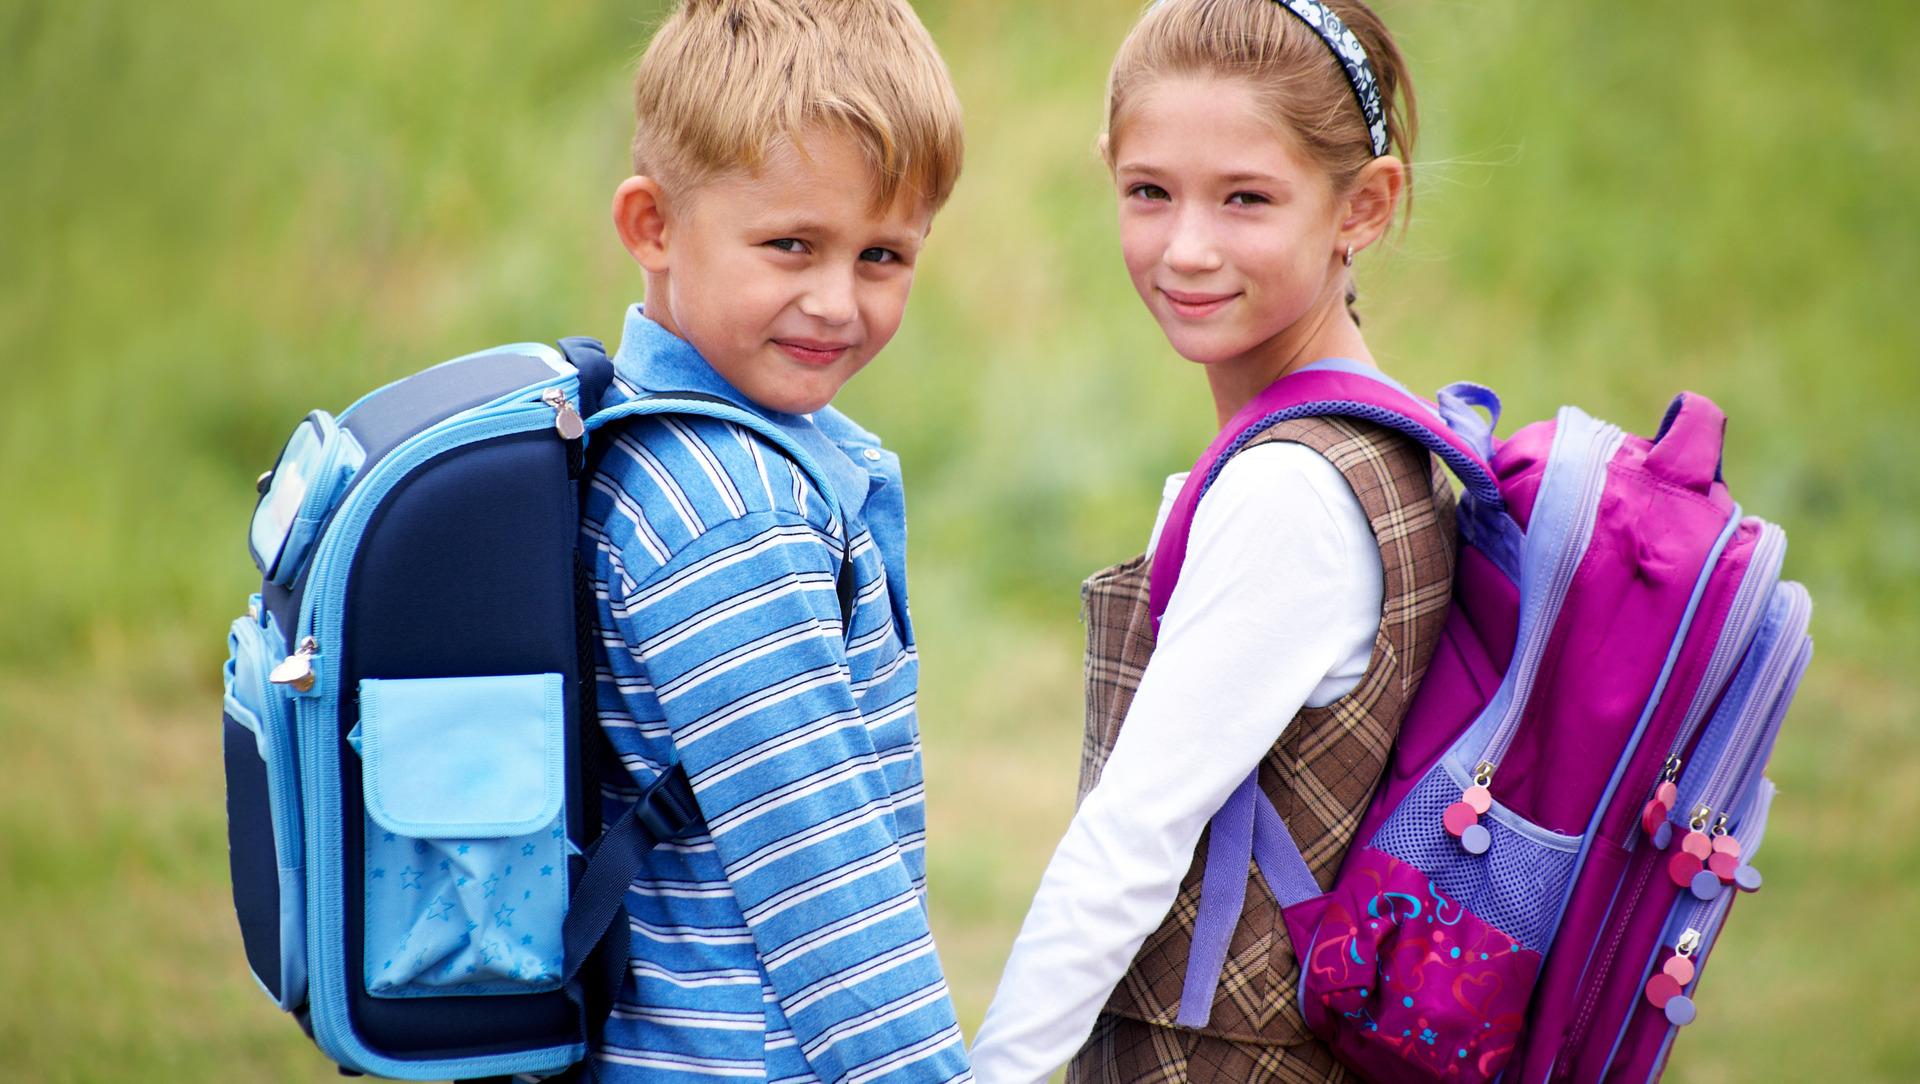 Сбор заказов. Новинка. Ортопедические школьные ранцы, рюкзаки и сумки. Наш ответ европейским фирмам и ценам в евро. Качественно, красиво и бюджетно-6. Скоро в школу.